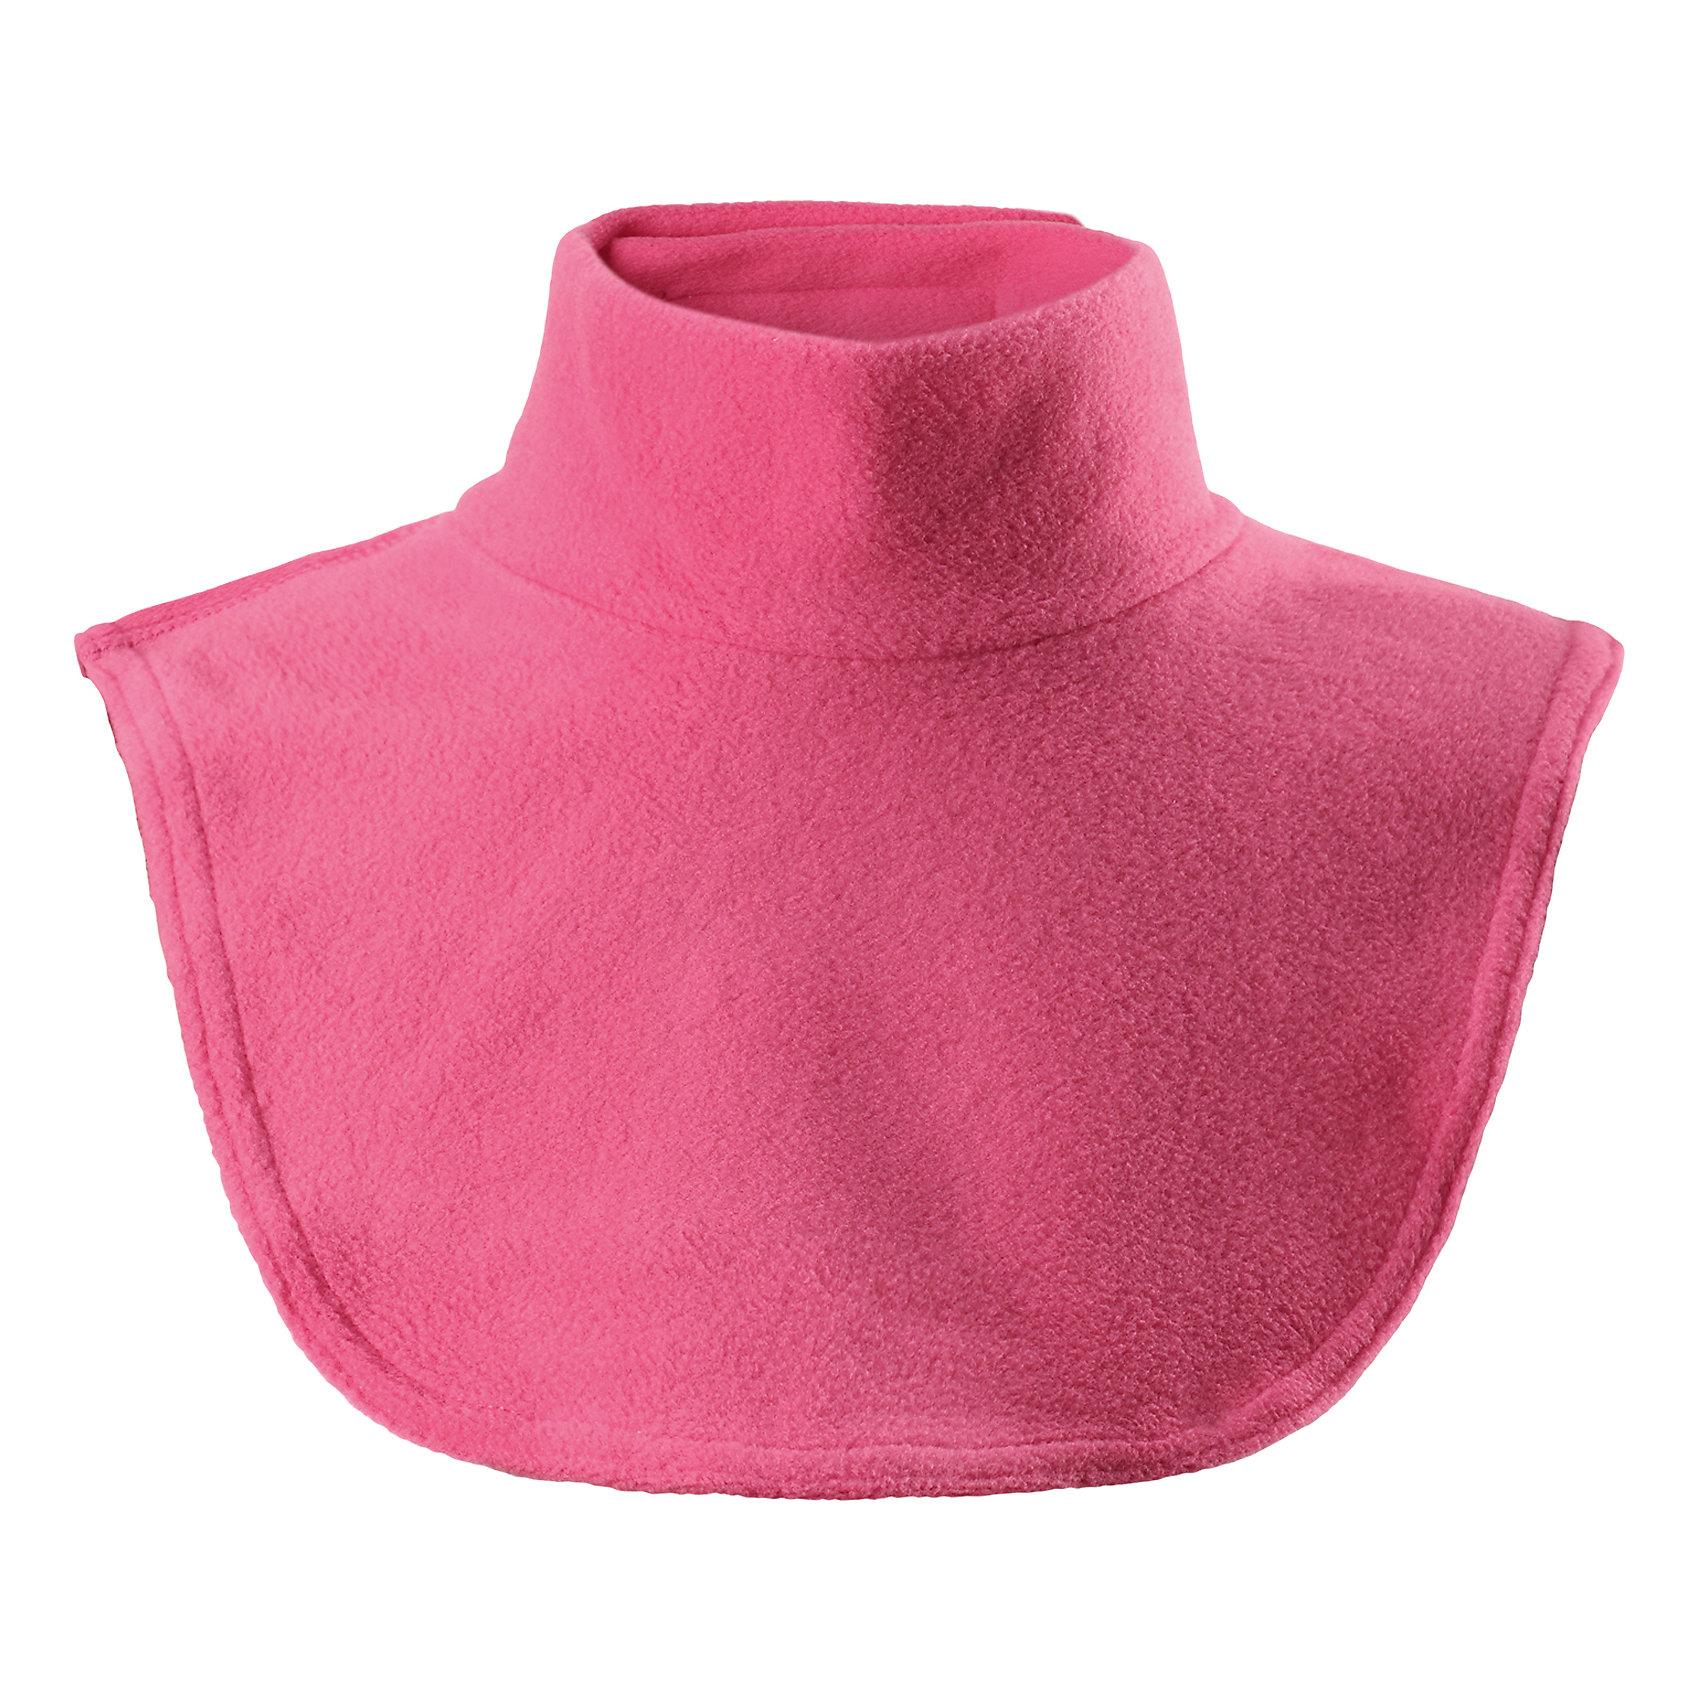 Шарф-хомут LassieШапки и шарфы<br>Мягкая горловина из флиса обеспечивает дополнительную защиту области шеи – в ней ребенку будет тепло во время веселых зимних прогулок. Благодаря удобной застежке на липучке вы без труда наденете горловину и легко отрегулируете нужный размер! Идеально подходит для прогулок в холодные осенние дни и морозную зимнюю пору. Облегченная модель без подкладки.<br>Состав:<br>100% Полиэстер<br><br>Ширина мм: 88<br>Глубина мм: 155<br>Высота мм: 26<br>Вес г: 106<br>Цвет: розовый<br>Возраст от месяцев: 36<br>Возраст до месяцев: 72<br>Пол: Унисекс<br>Возраст: Детский<br>Размер: one size<br>SKU: 6972300